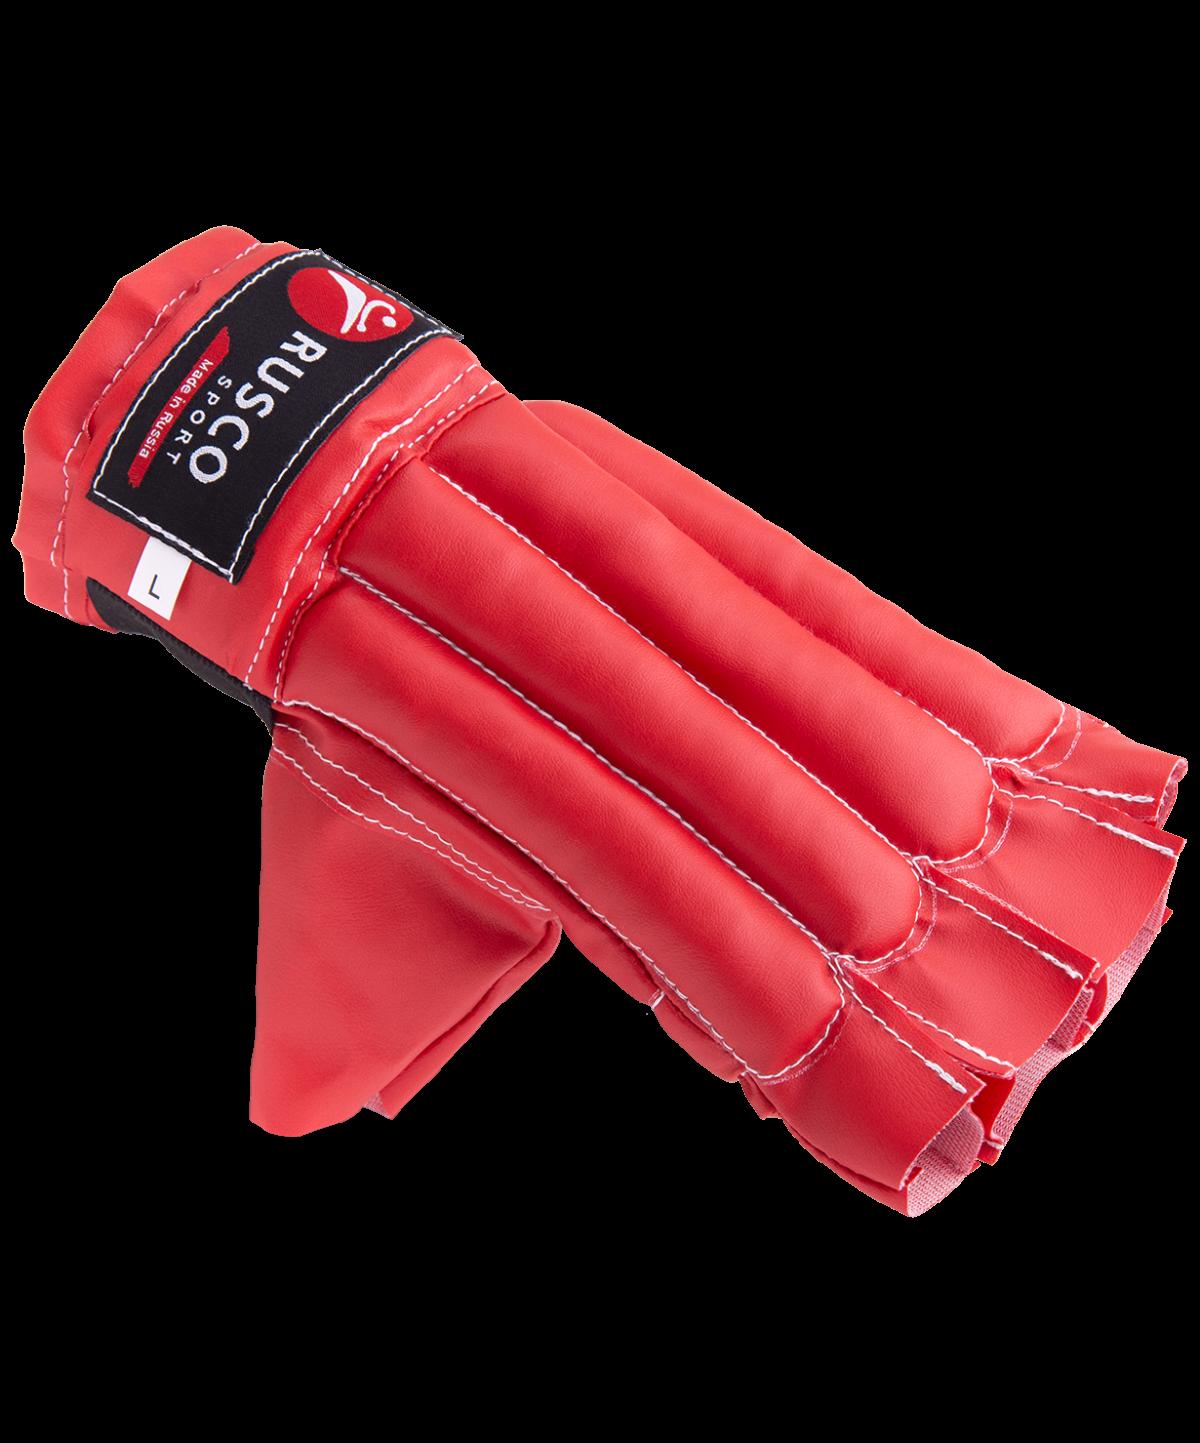 RUSCO Перчатки снарядные шингарды  142: красный - 3